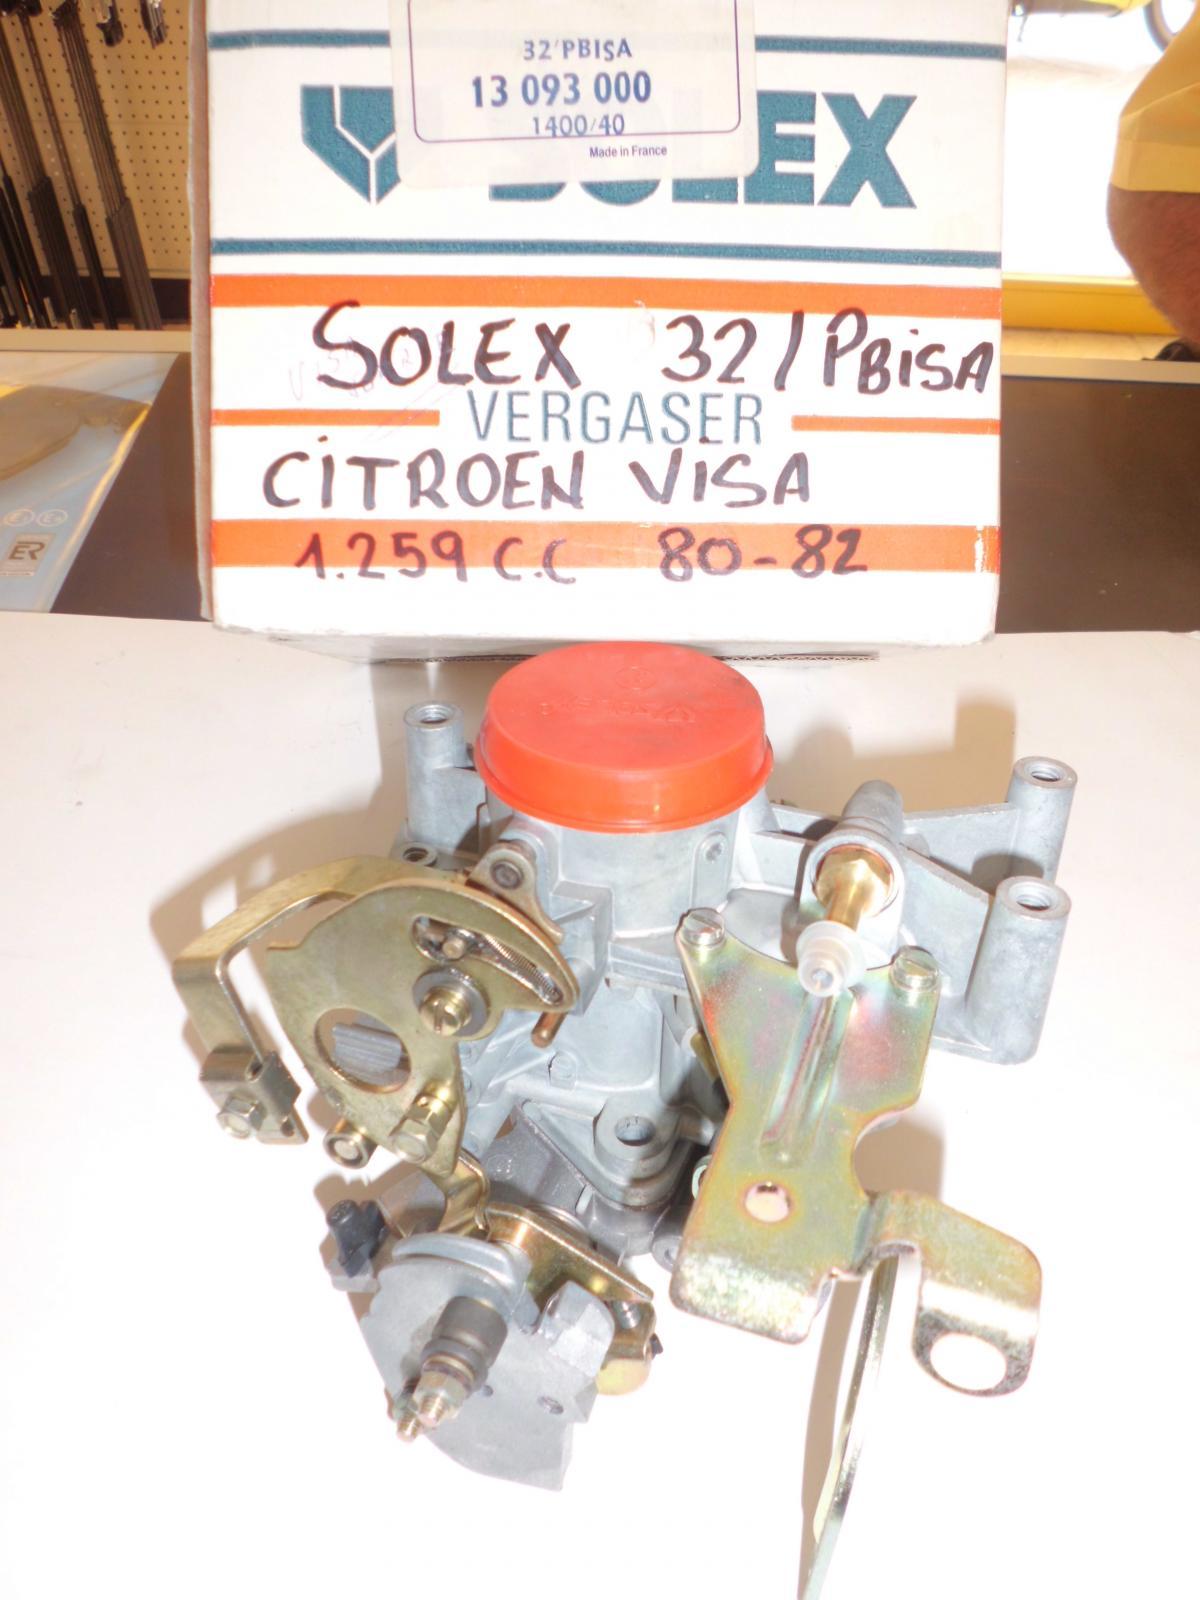 Carburador Citroen Visa 1293cc solex